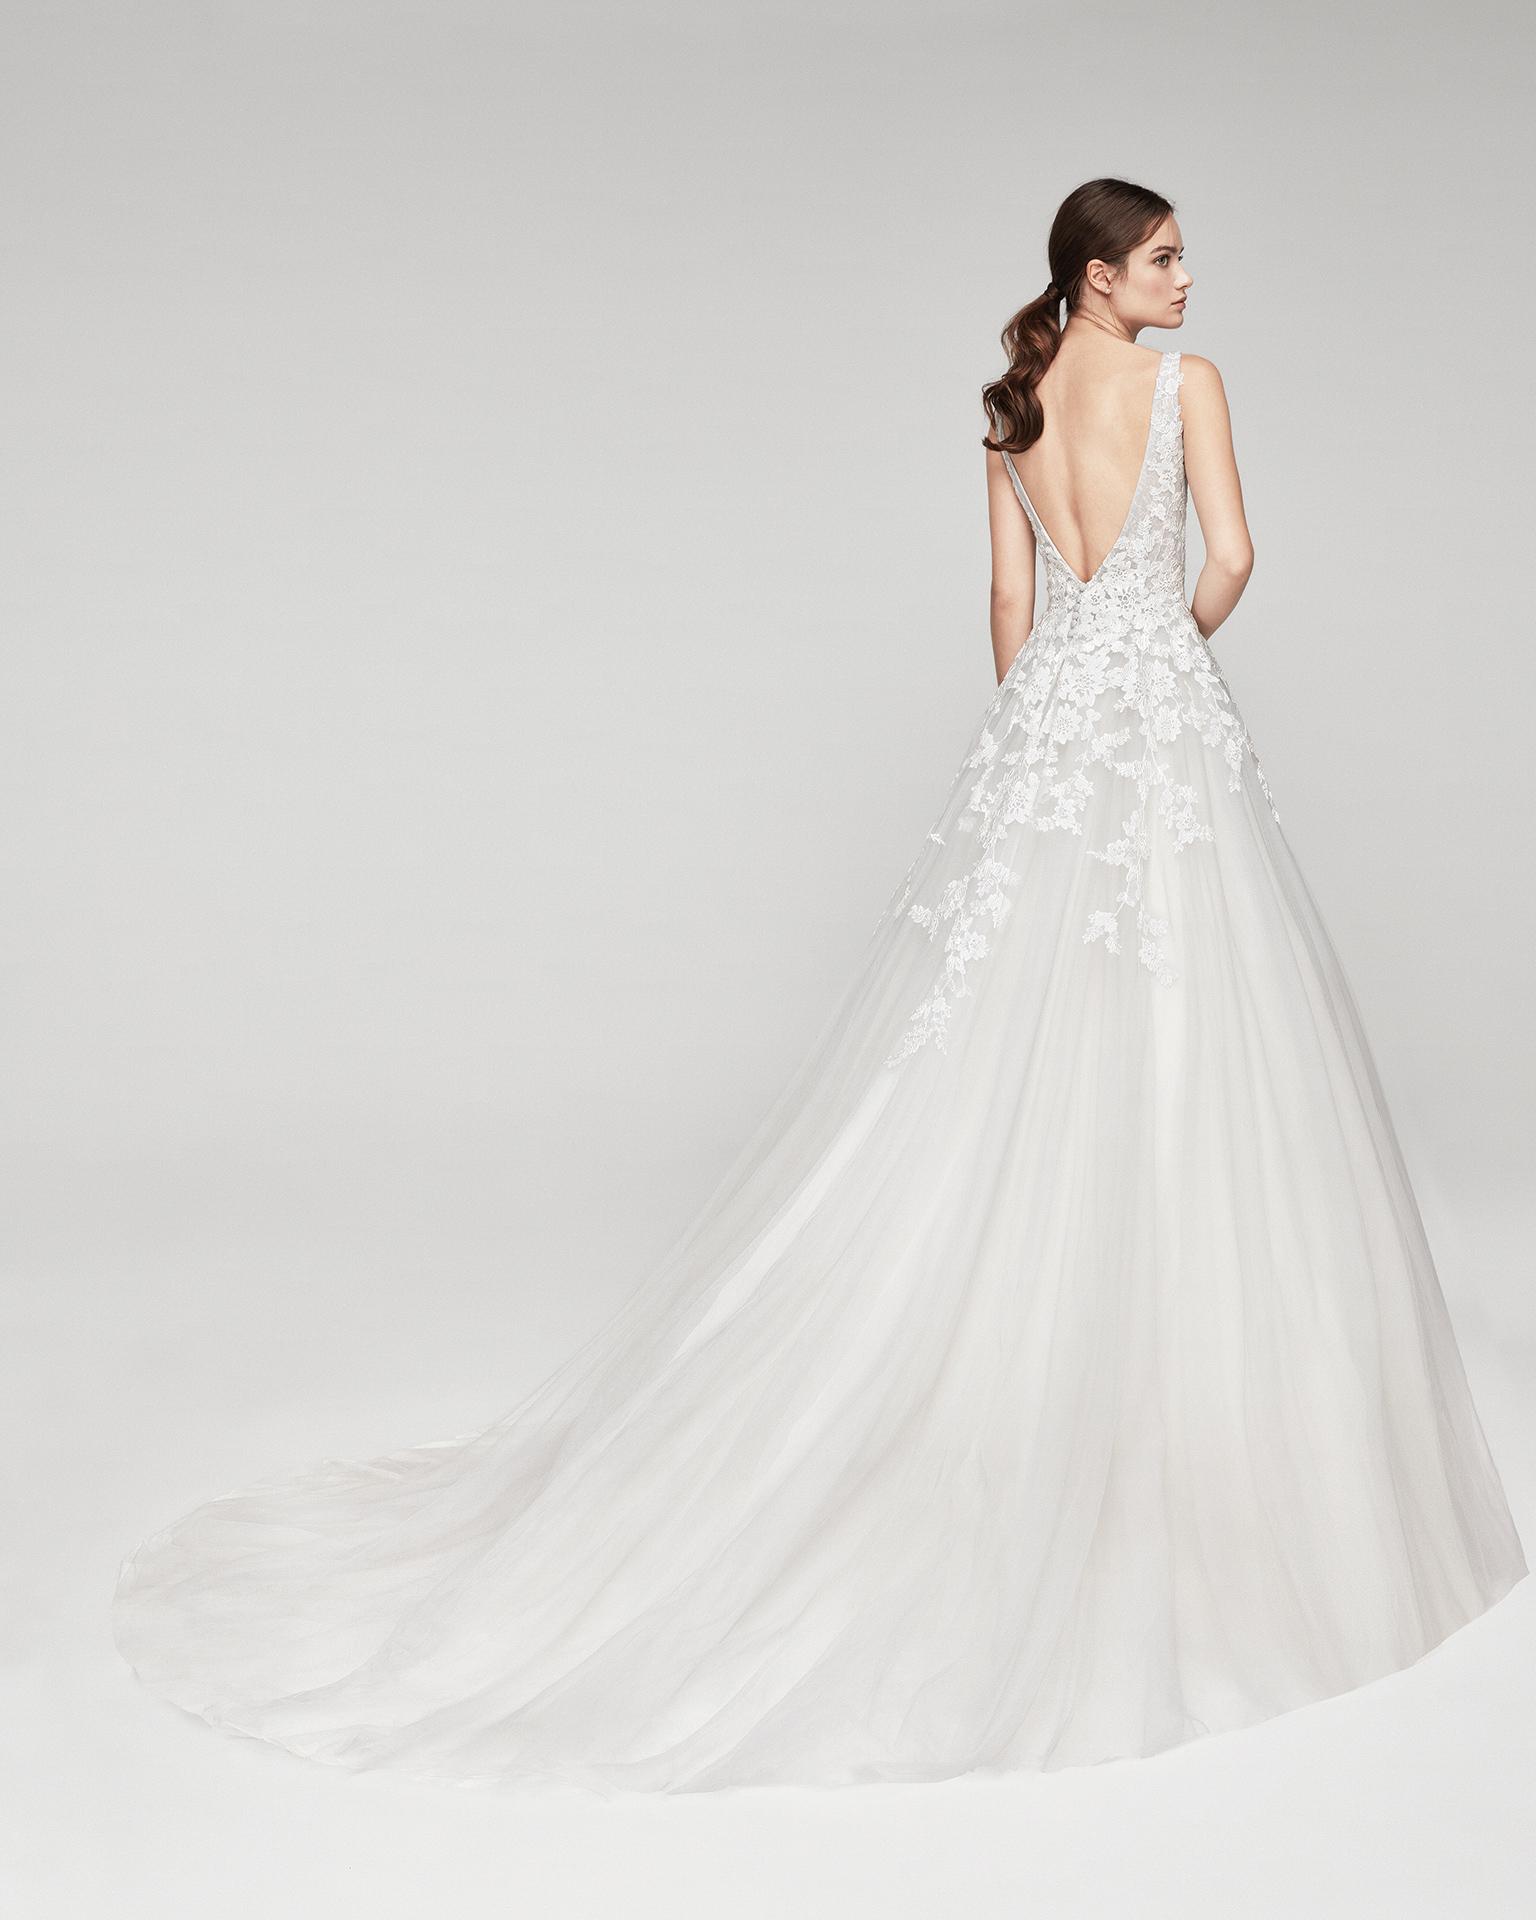 Vestido de novia romántico de tul y encaje. Con escote deep-plunge y espalda escotada en V. Disponible en color hielo y natural. Colección ALMANOVIA 2019.